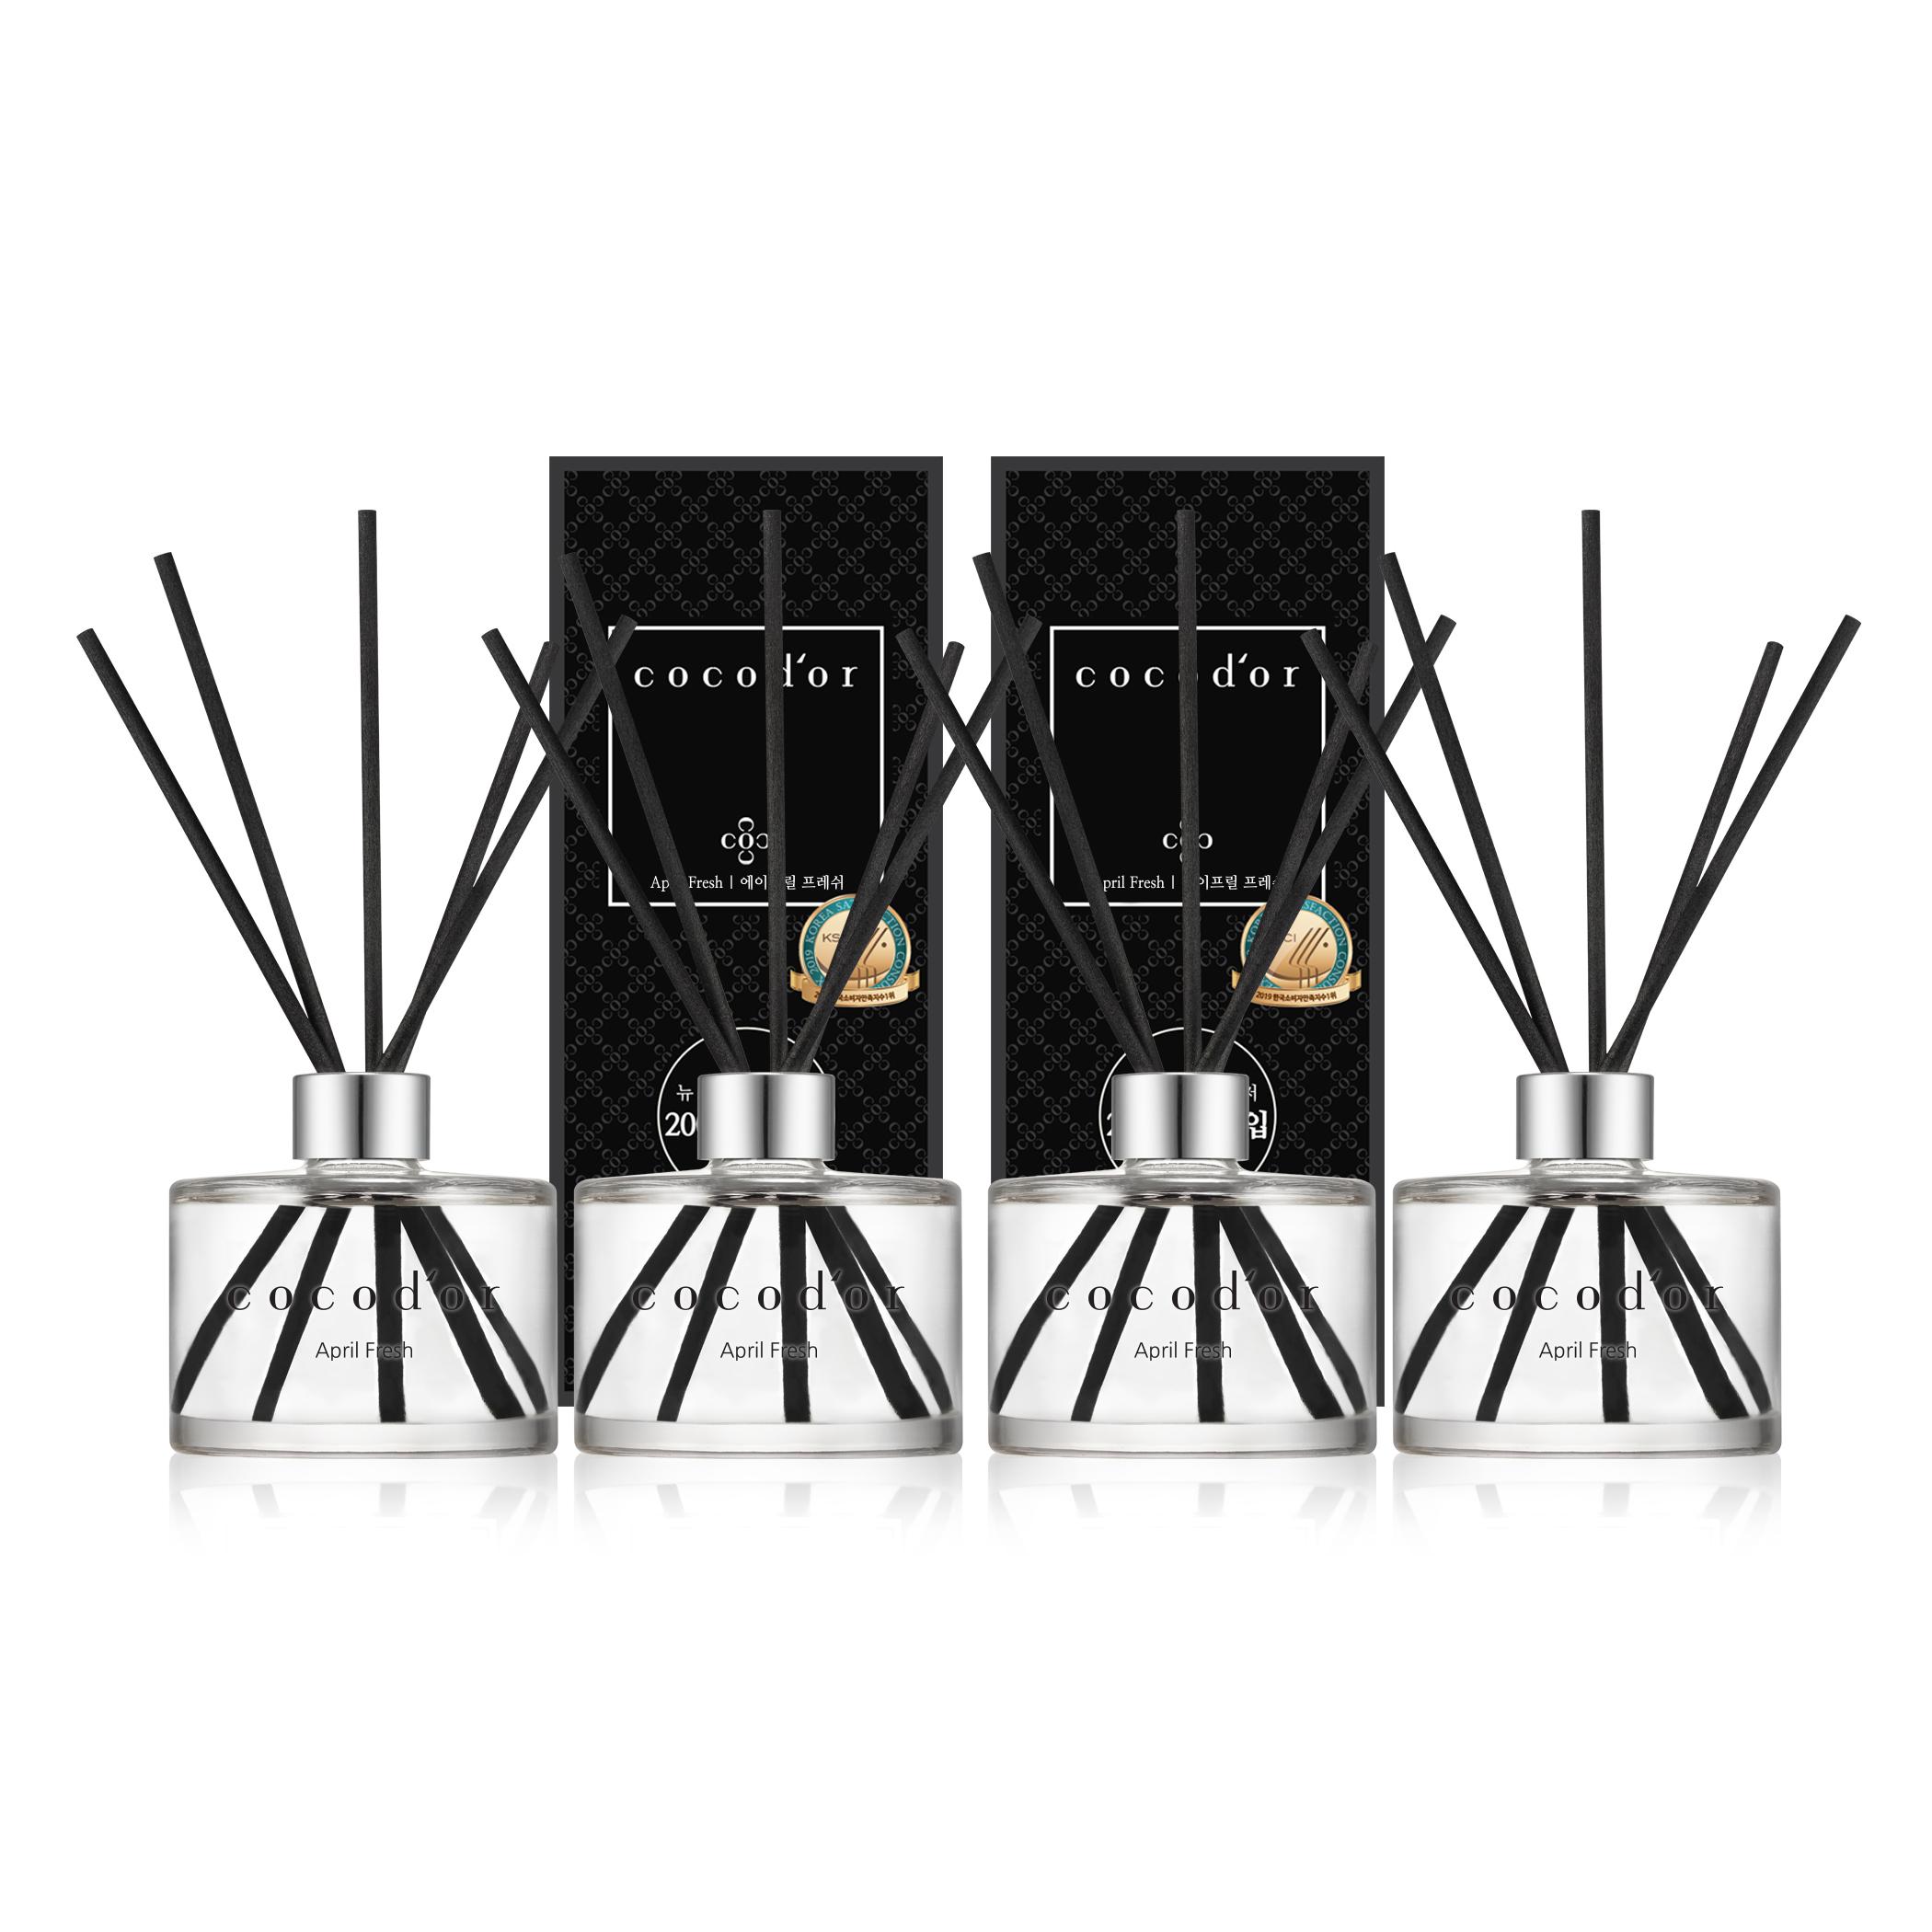 코코도르 뉴 디퓨저 200ml x 4p, 에이프릴프레쉬